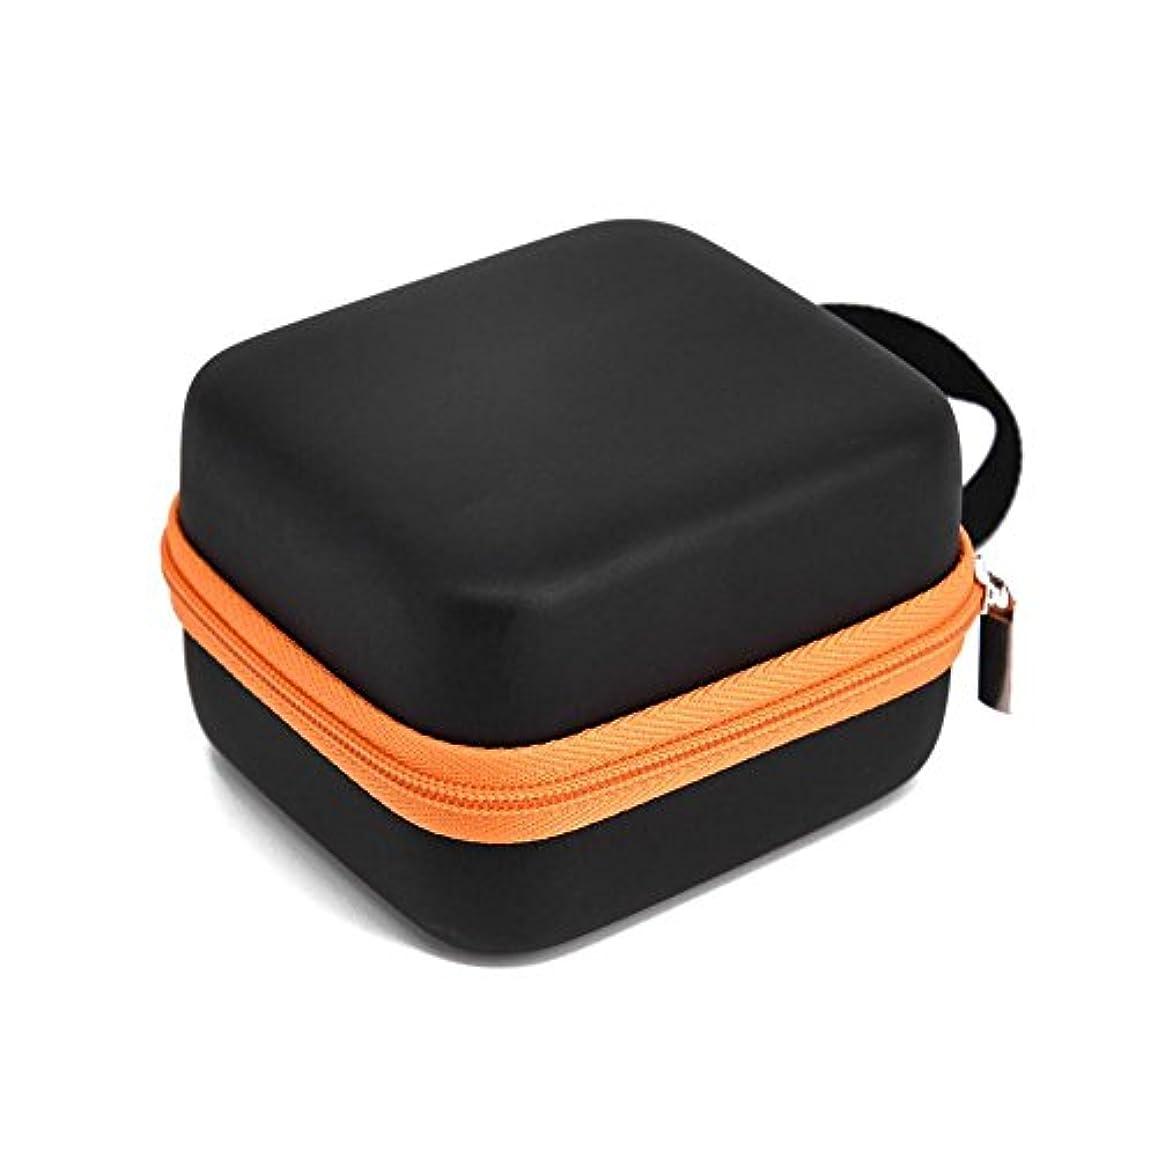 ビュッフェ性別サーカスFarlong 7グリッド 5ML 精油貯蔵袋 エスニックスタイル オイル収納ボックス 人気の 精油 ケース 5色